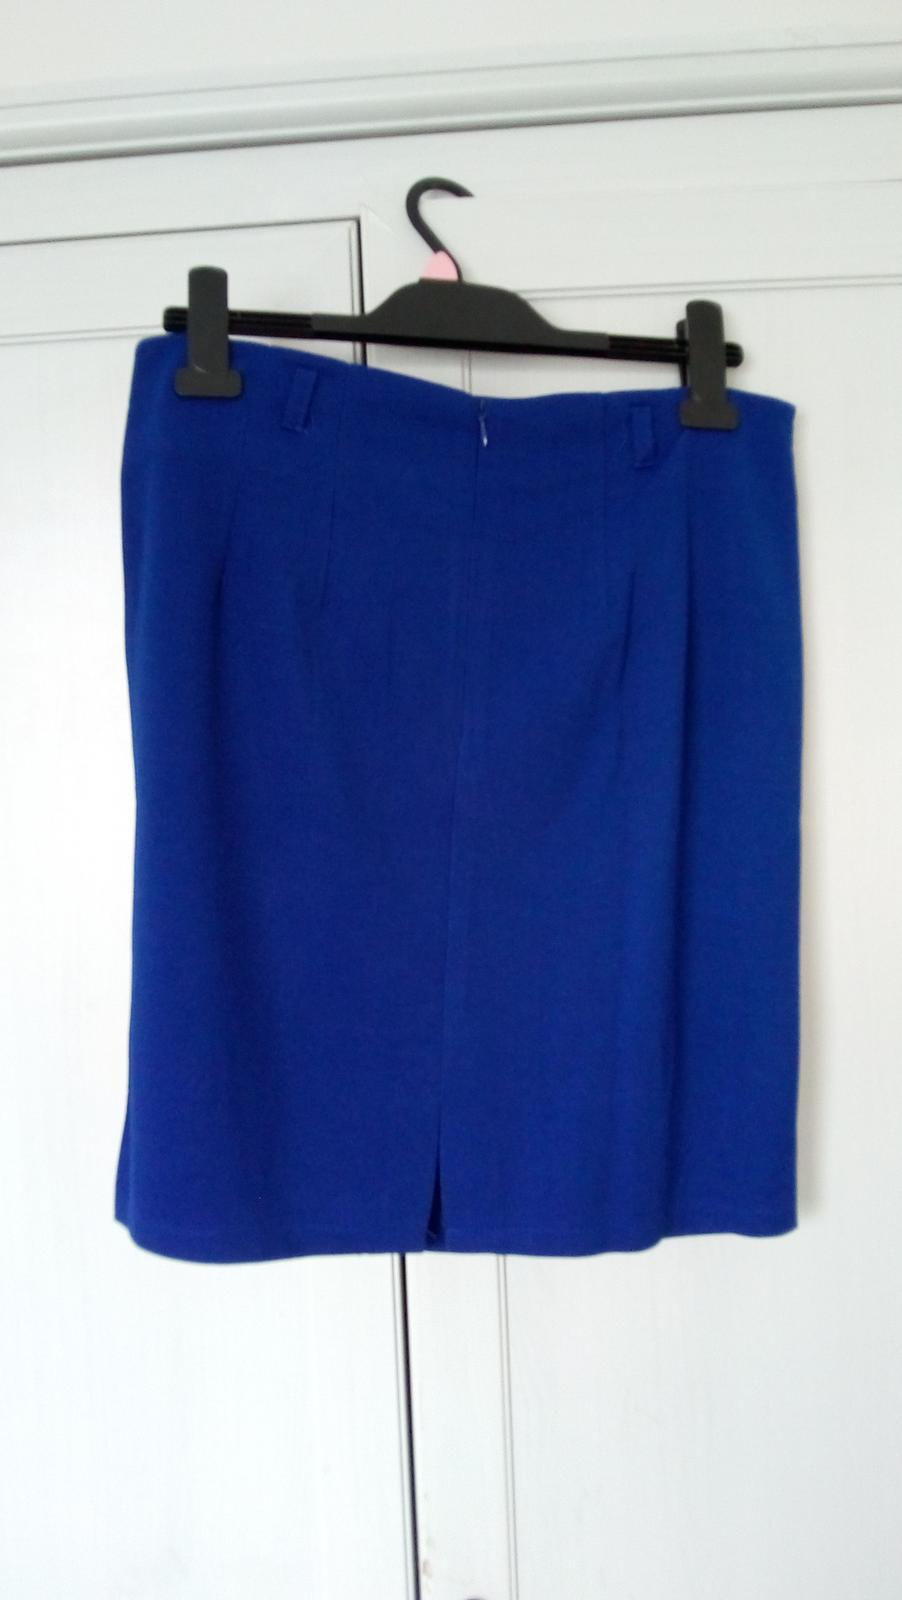 Tenká sukňa - Obrázok č. 1